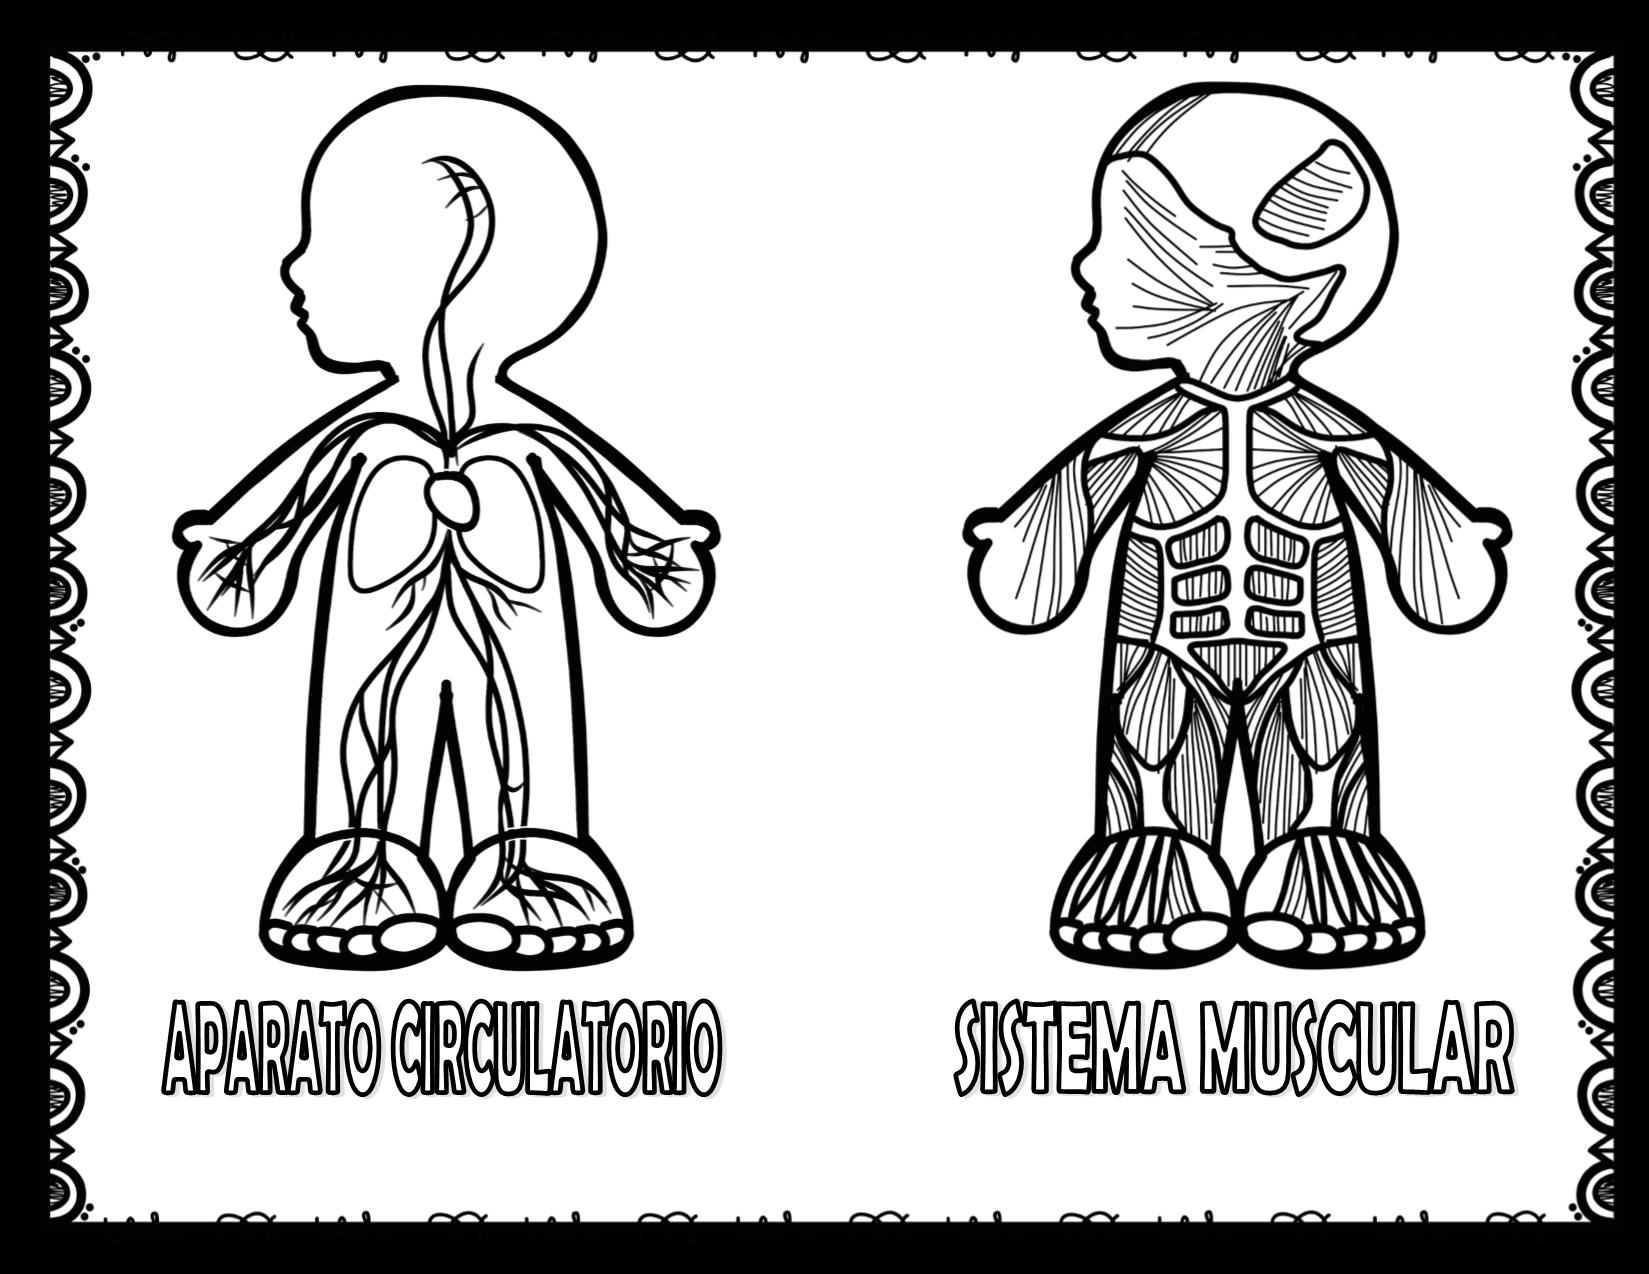 Estupendos diseños de los sistemas y aparatos del cuerpo